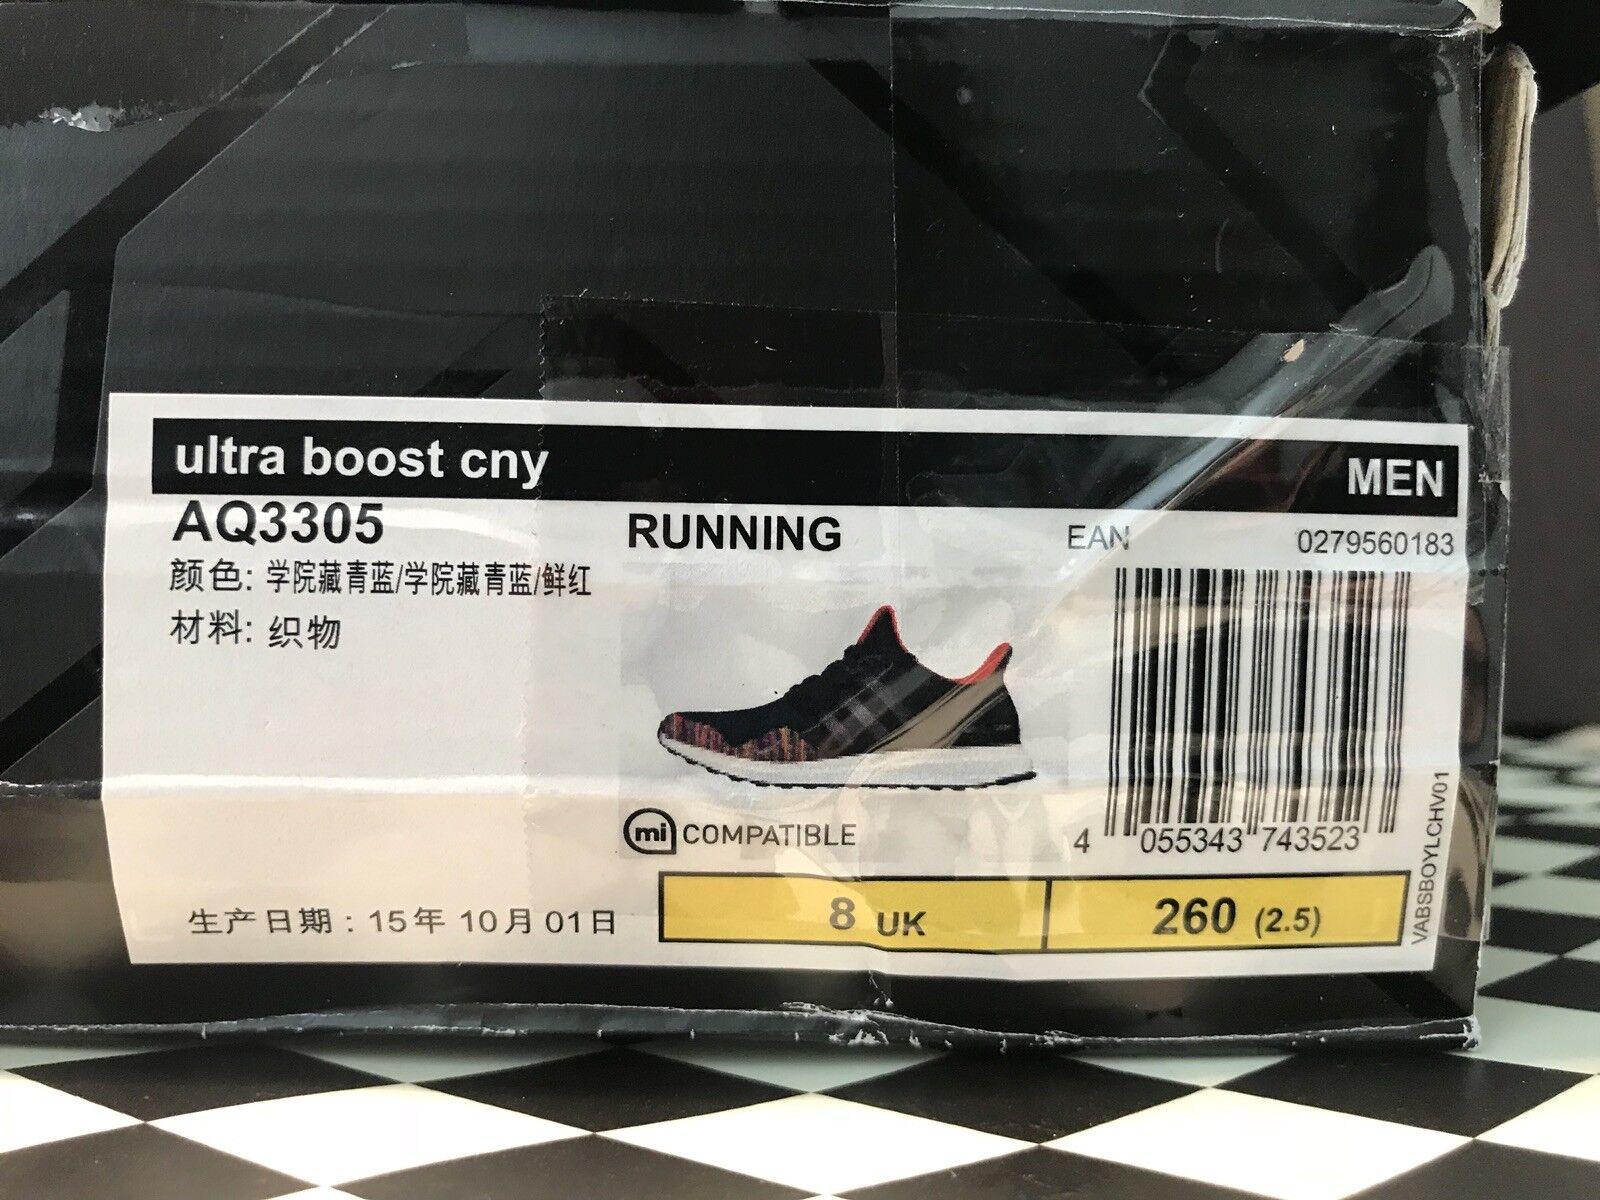 Adidas cny ultra spinta 8,5 il capodanno cinese cinese capodanno 1,0 ricco asiatici camicia poster 9 b8058f